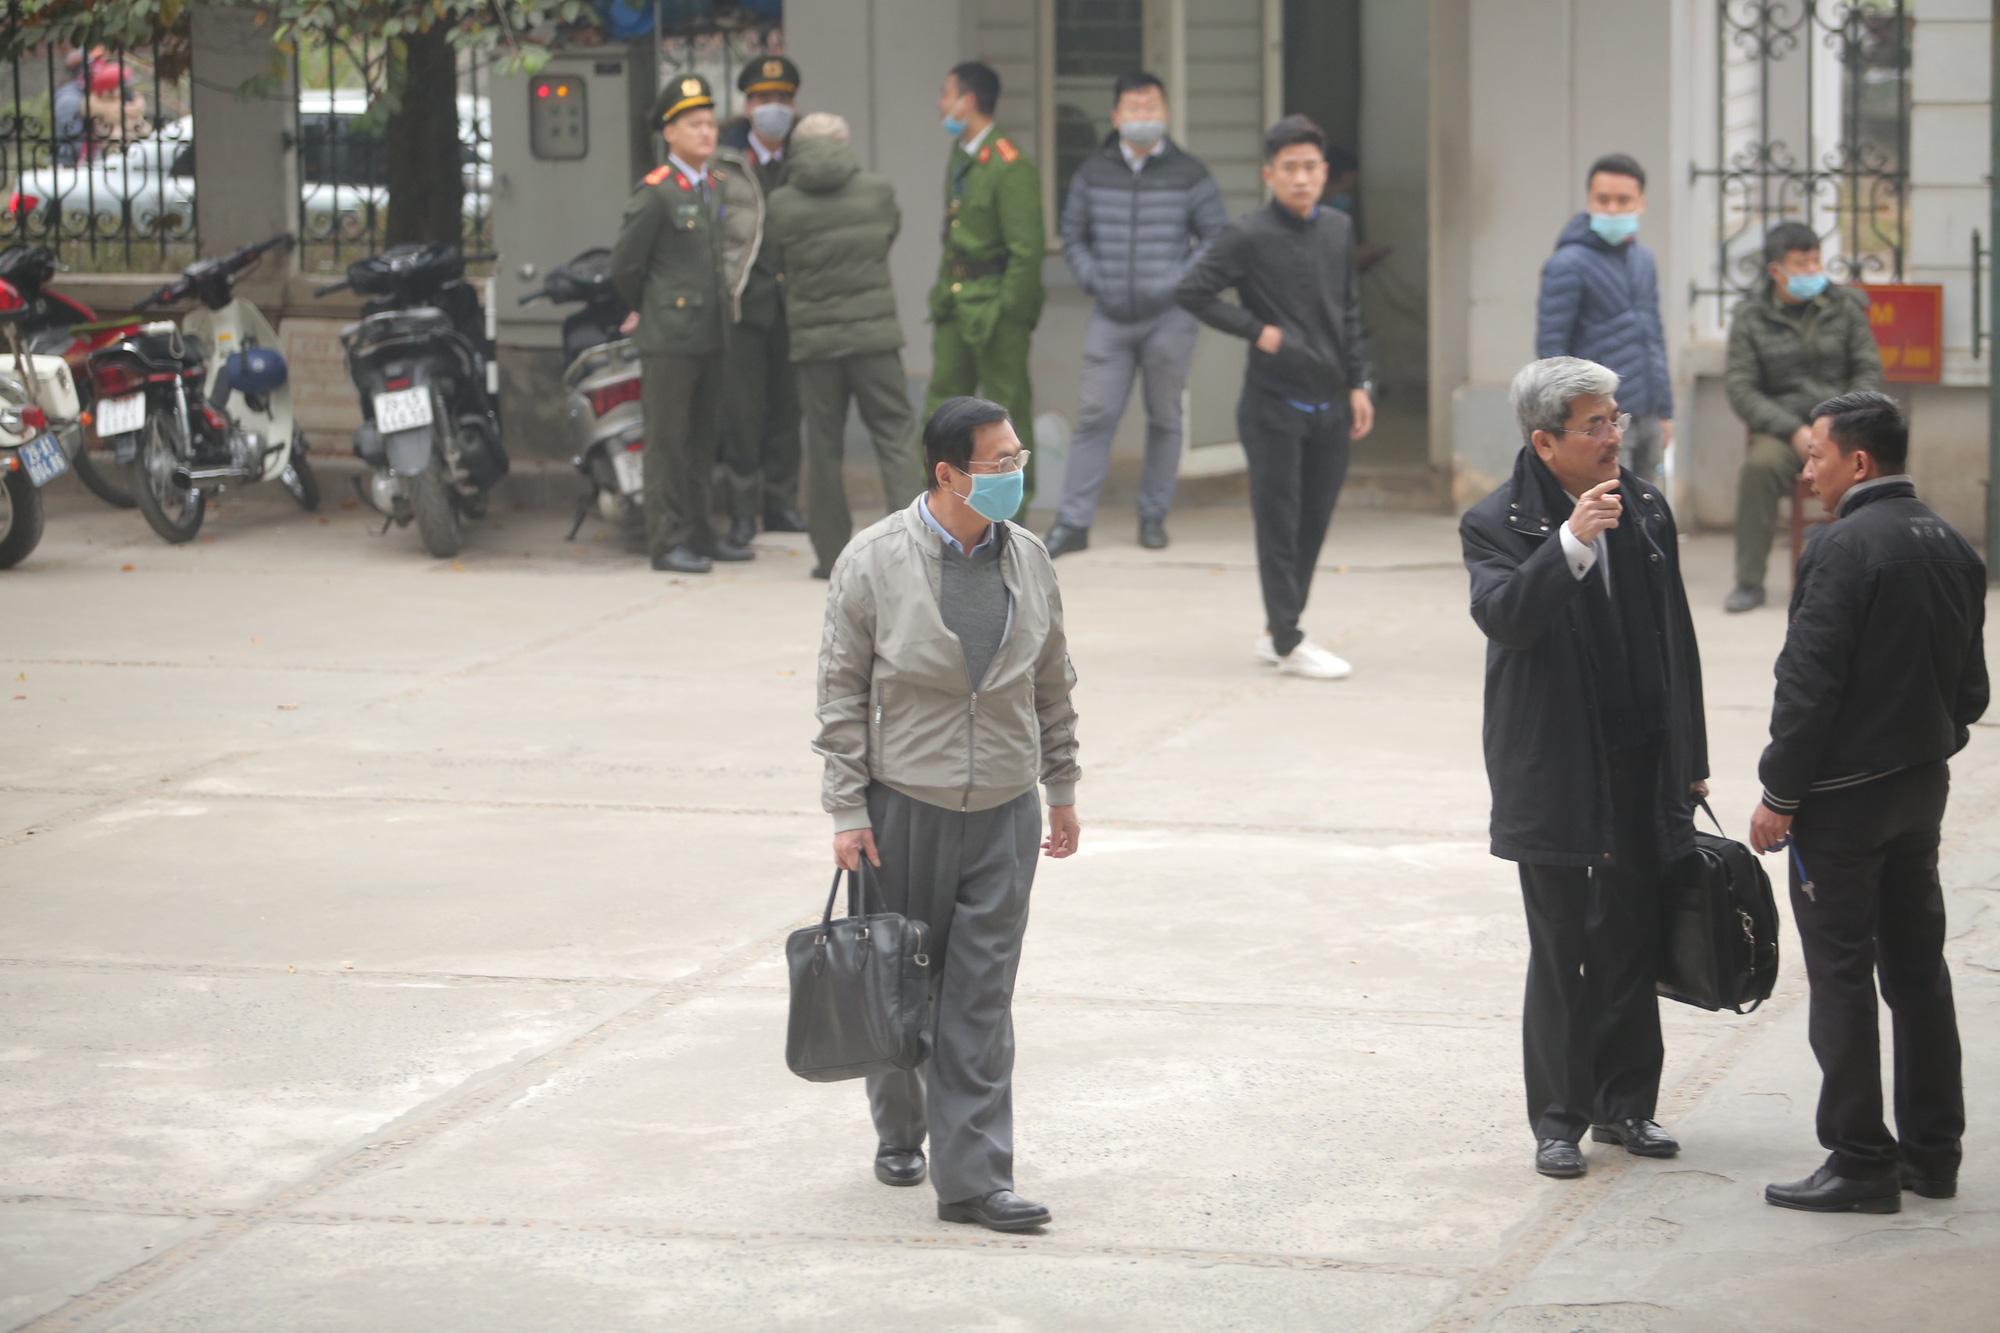 Cựu Bộ trưởng Vũ Huy Hoàng vịn cầu thang, nắm tay luật sư khi bước lên bậc thềm - Ảnh 3.